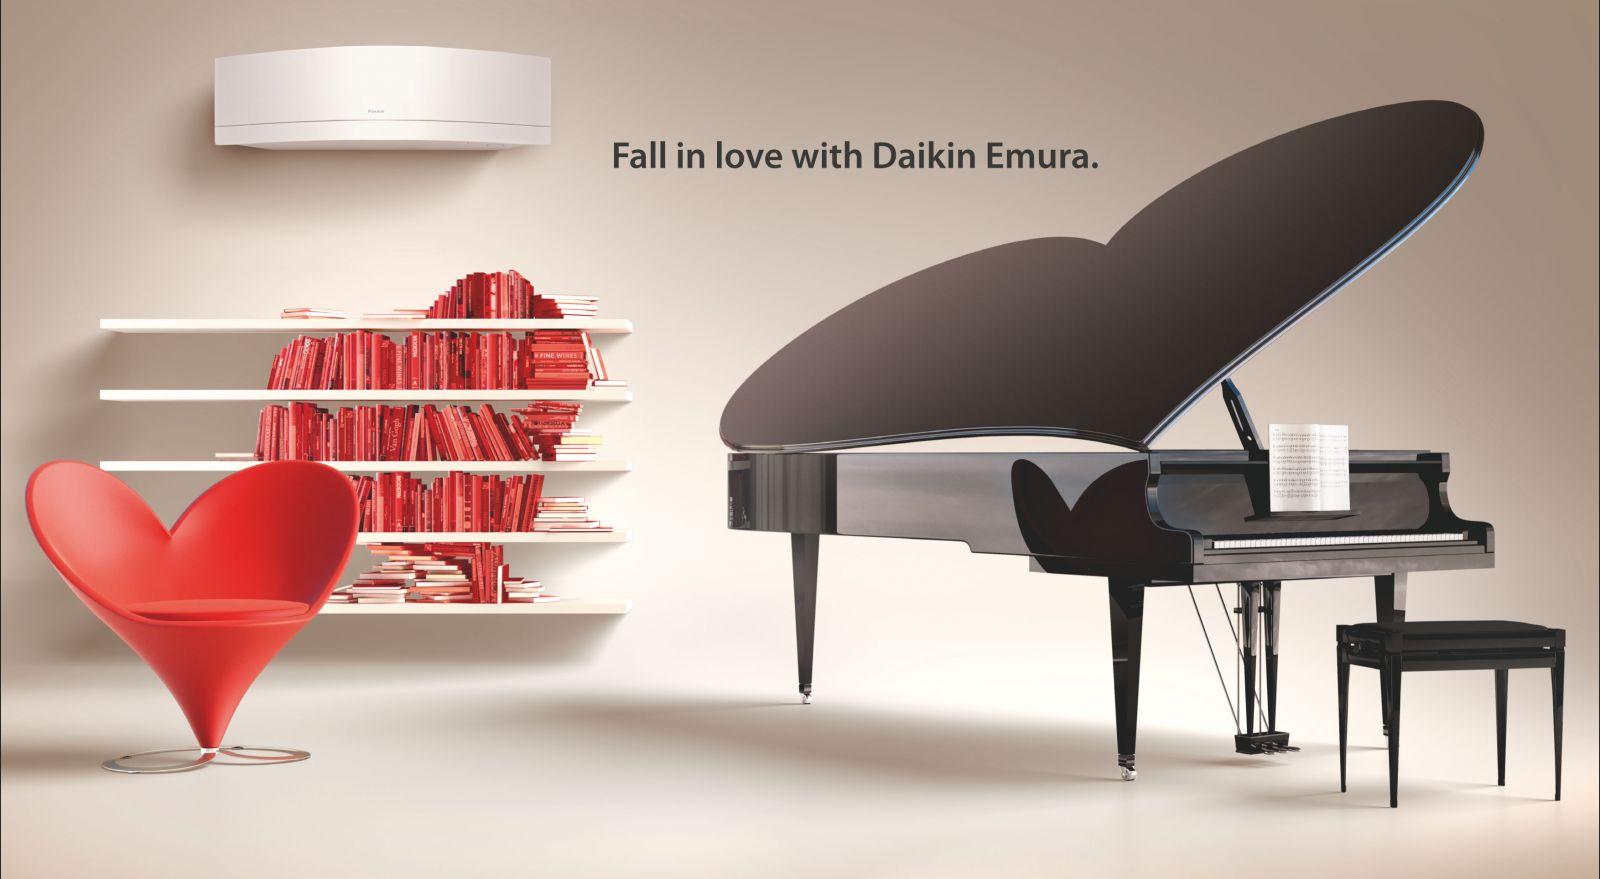 Daikin Emura design